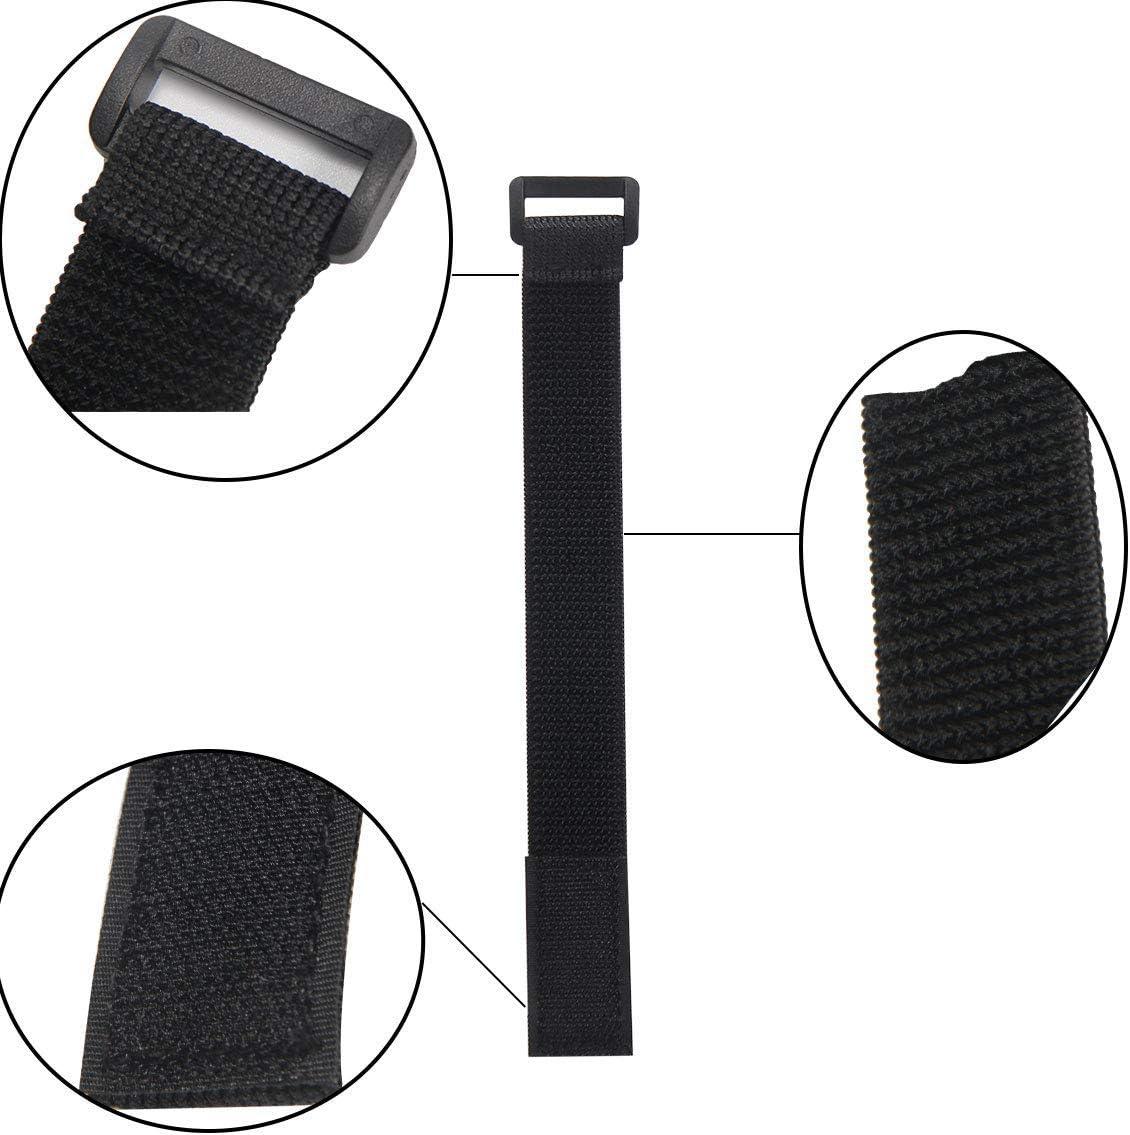 4 tailles diff/érentes Serre-c/âbles Velcro Attaches de c/âbles r/éutilisables pour une utilisation polyvalente dans la gestion des c/âbles noir